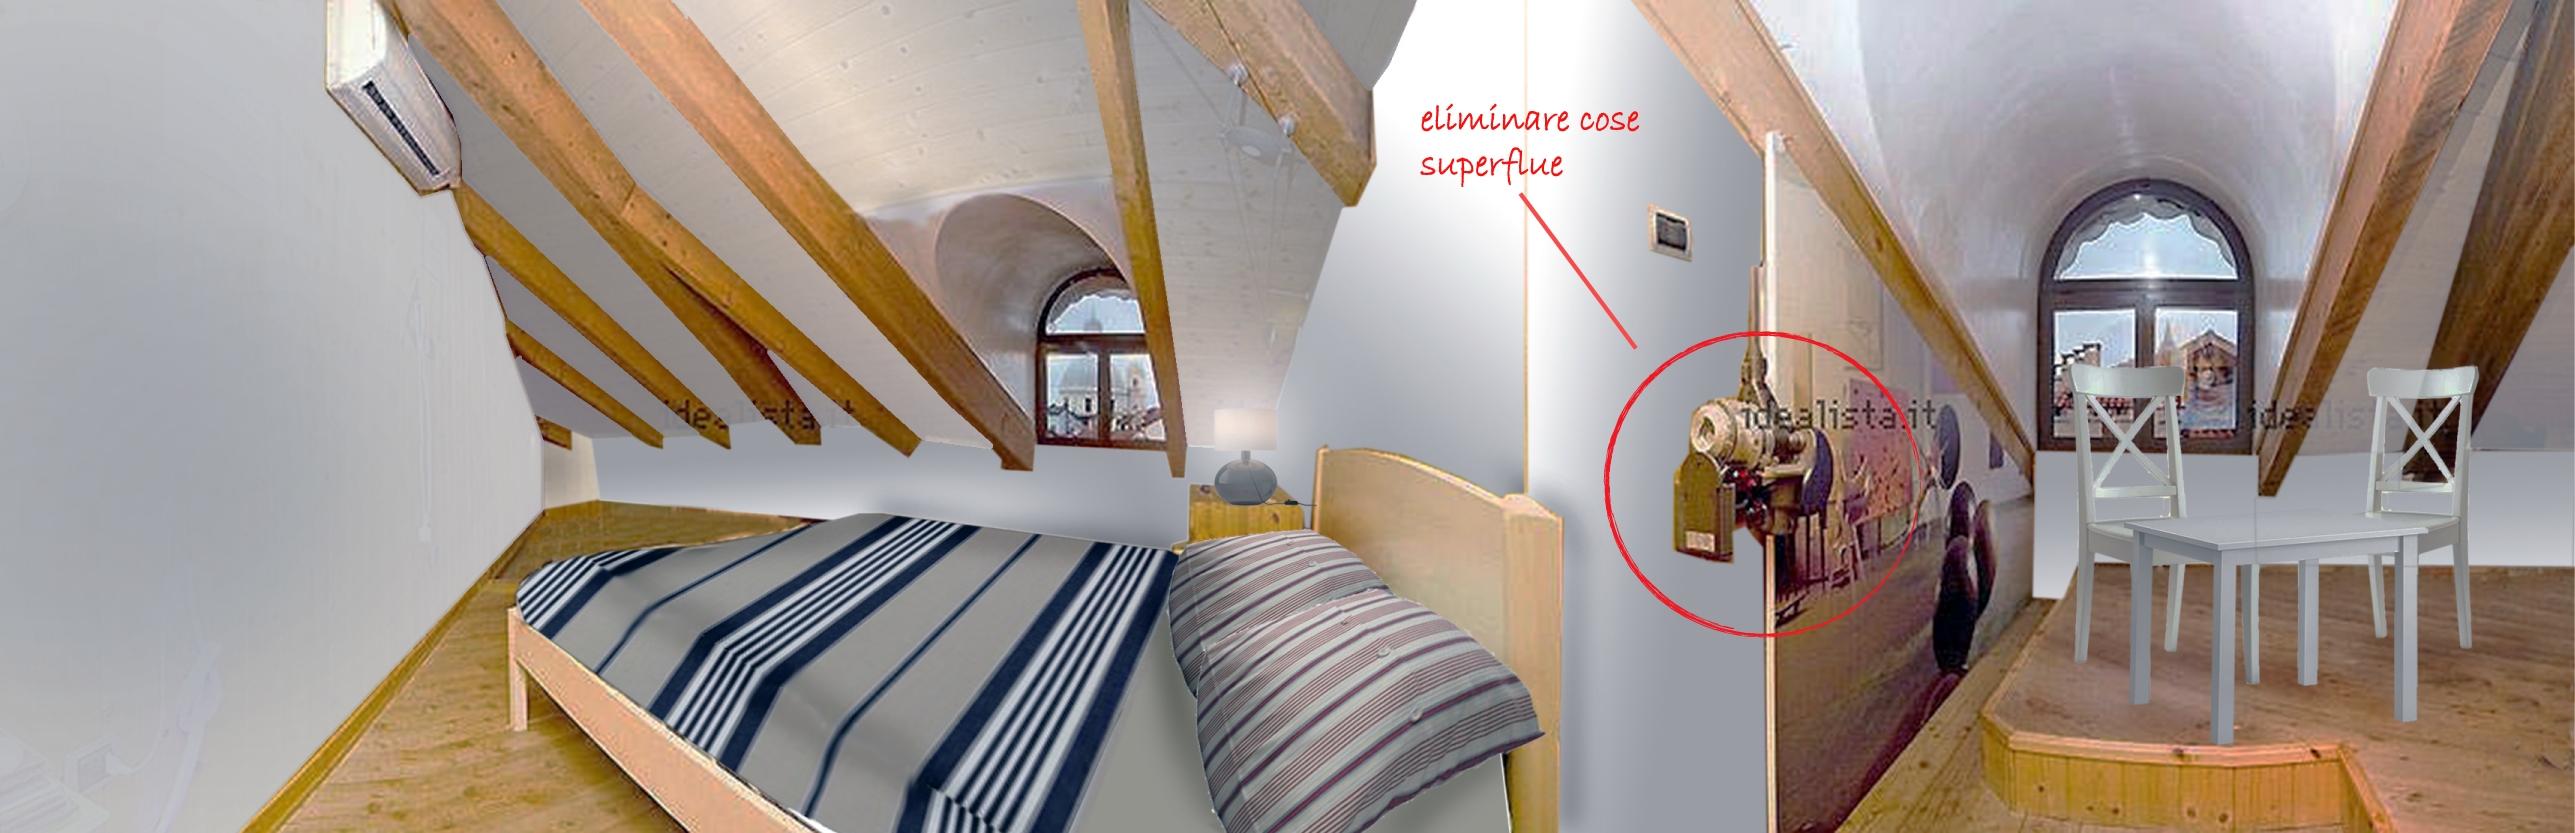 Home staging come illuminare un appartamento con mansarda for Mansarda in legno bianco